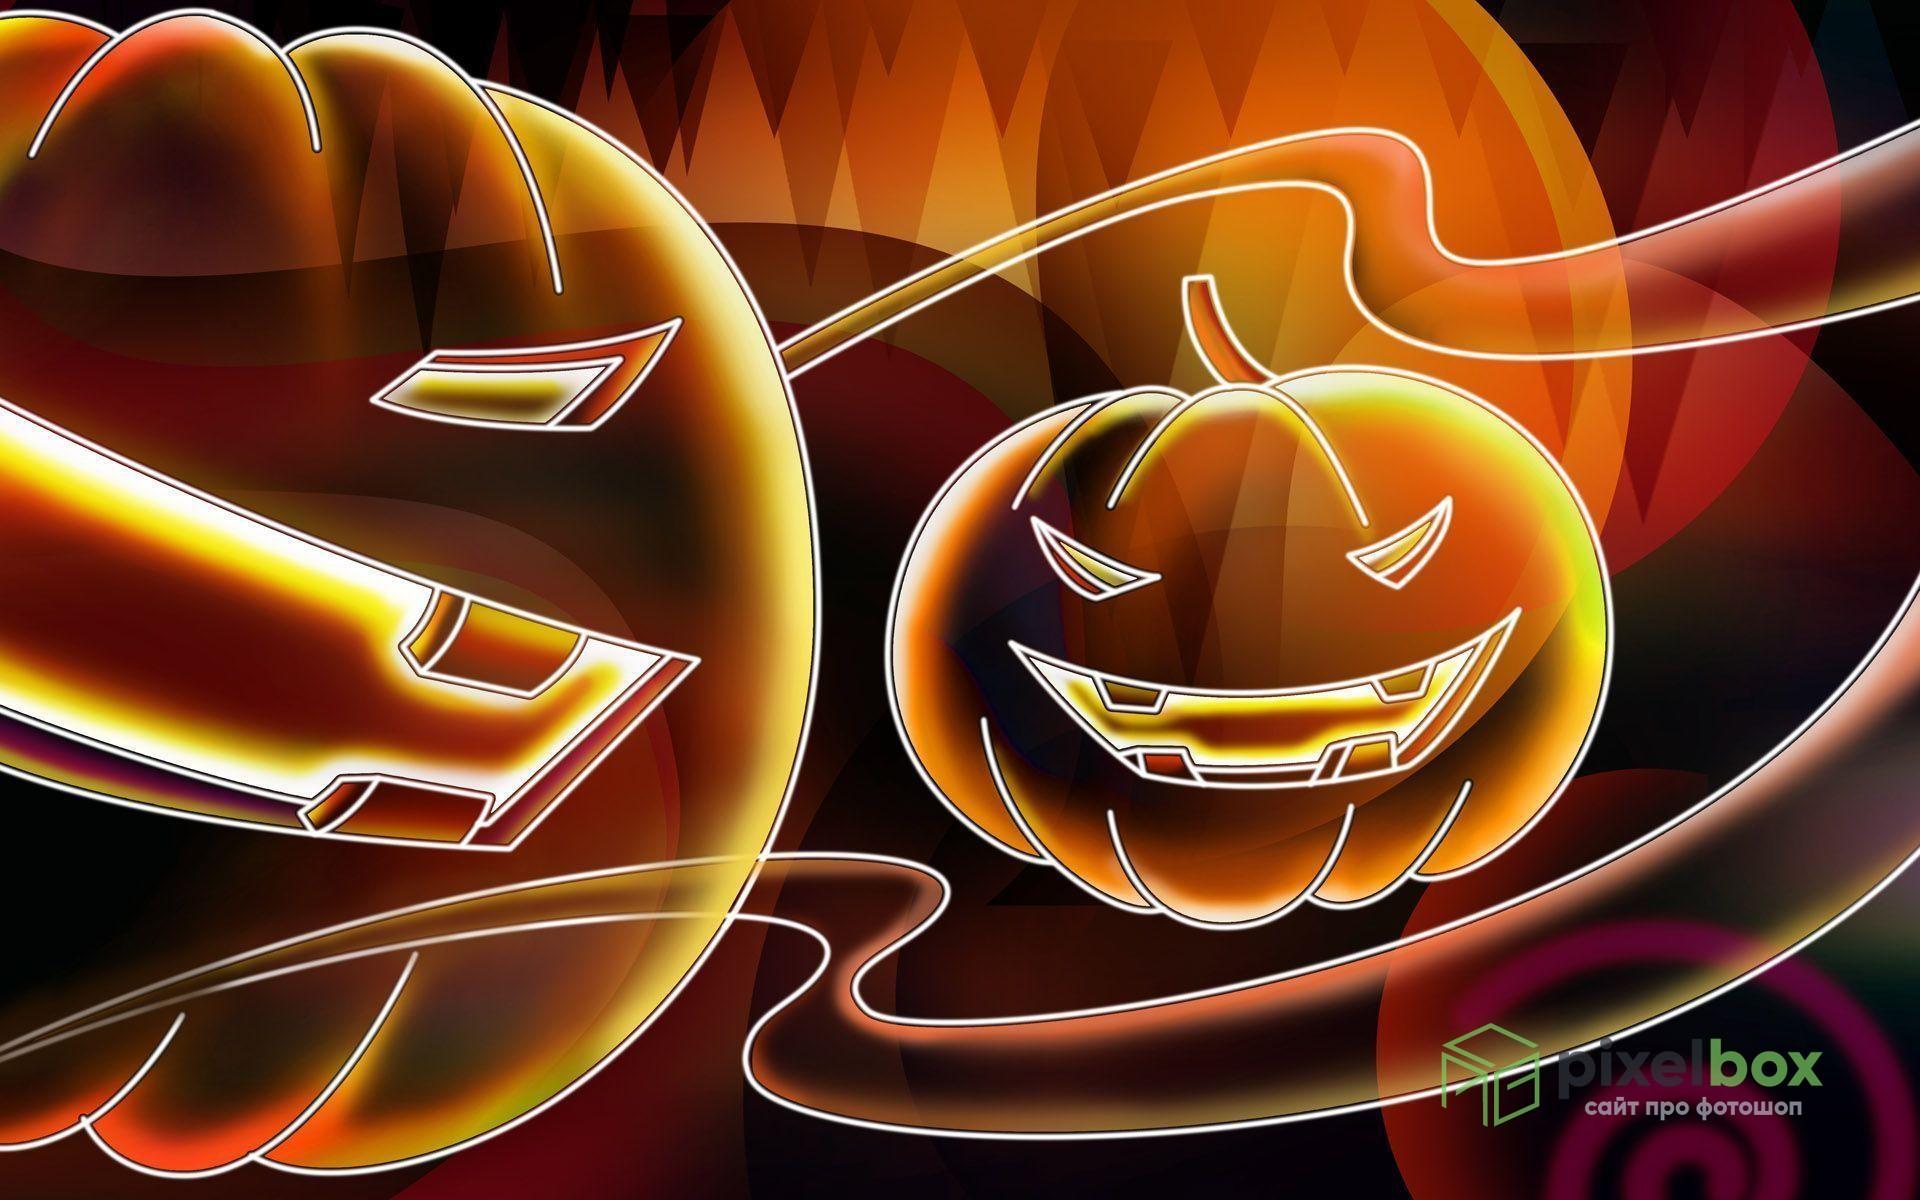 Коллекция фонов Photoshop в честь Хэллоуина